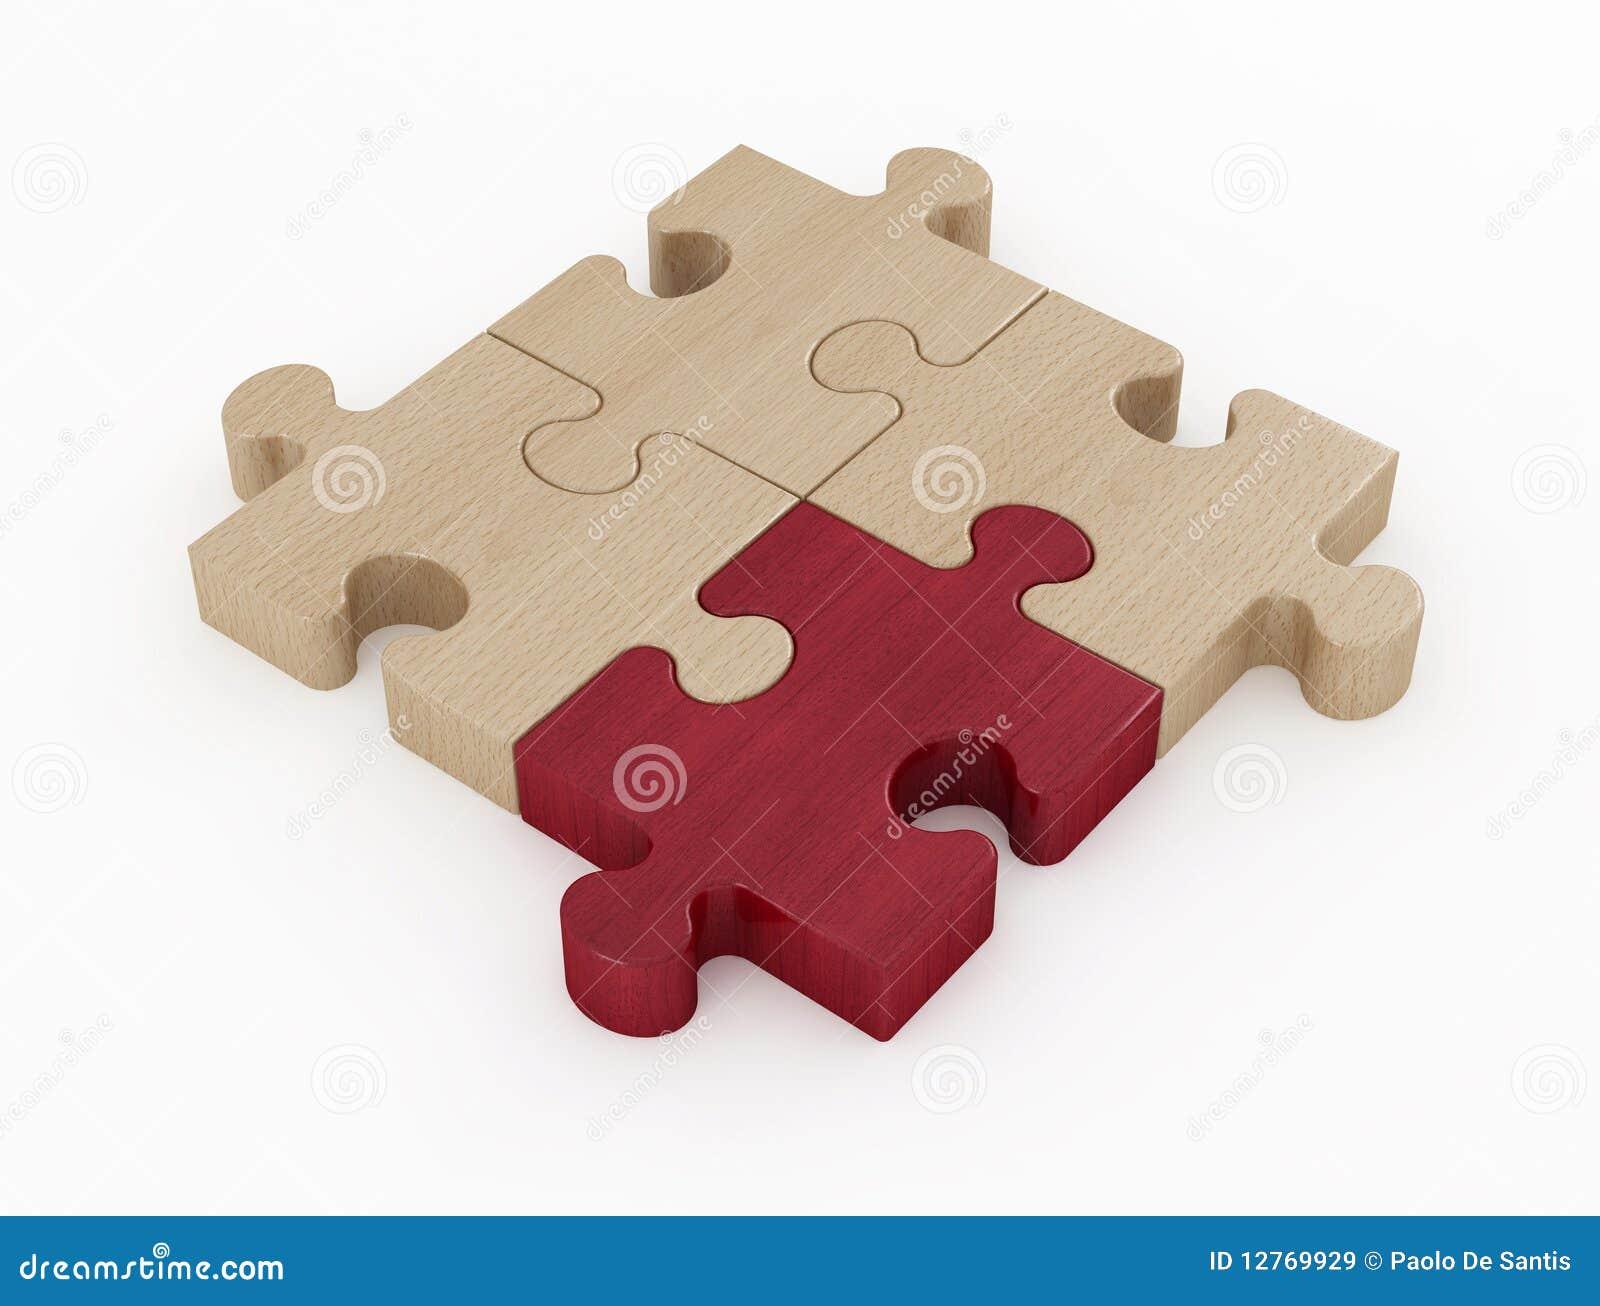 Wooden jigsaw plans wolf